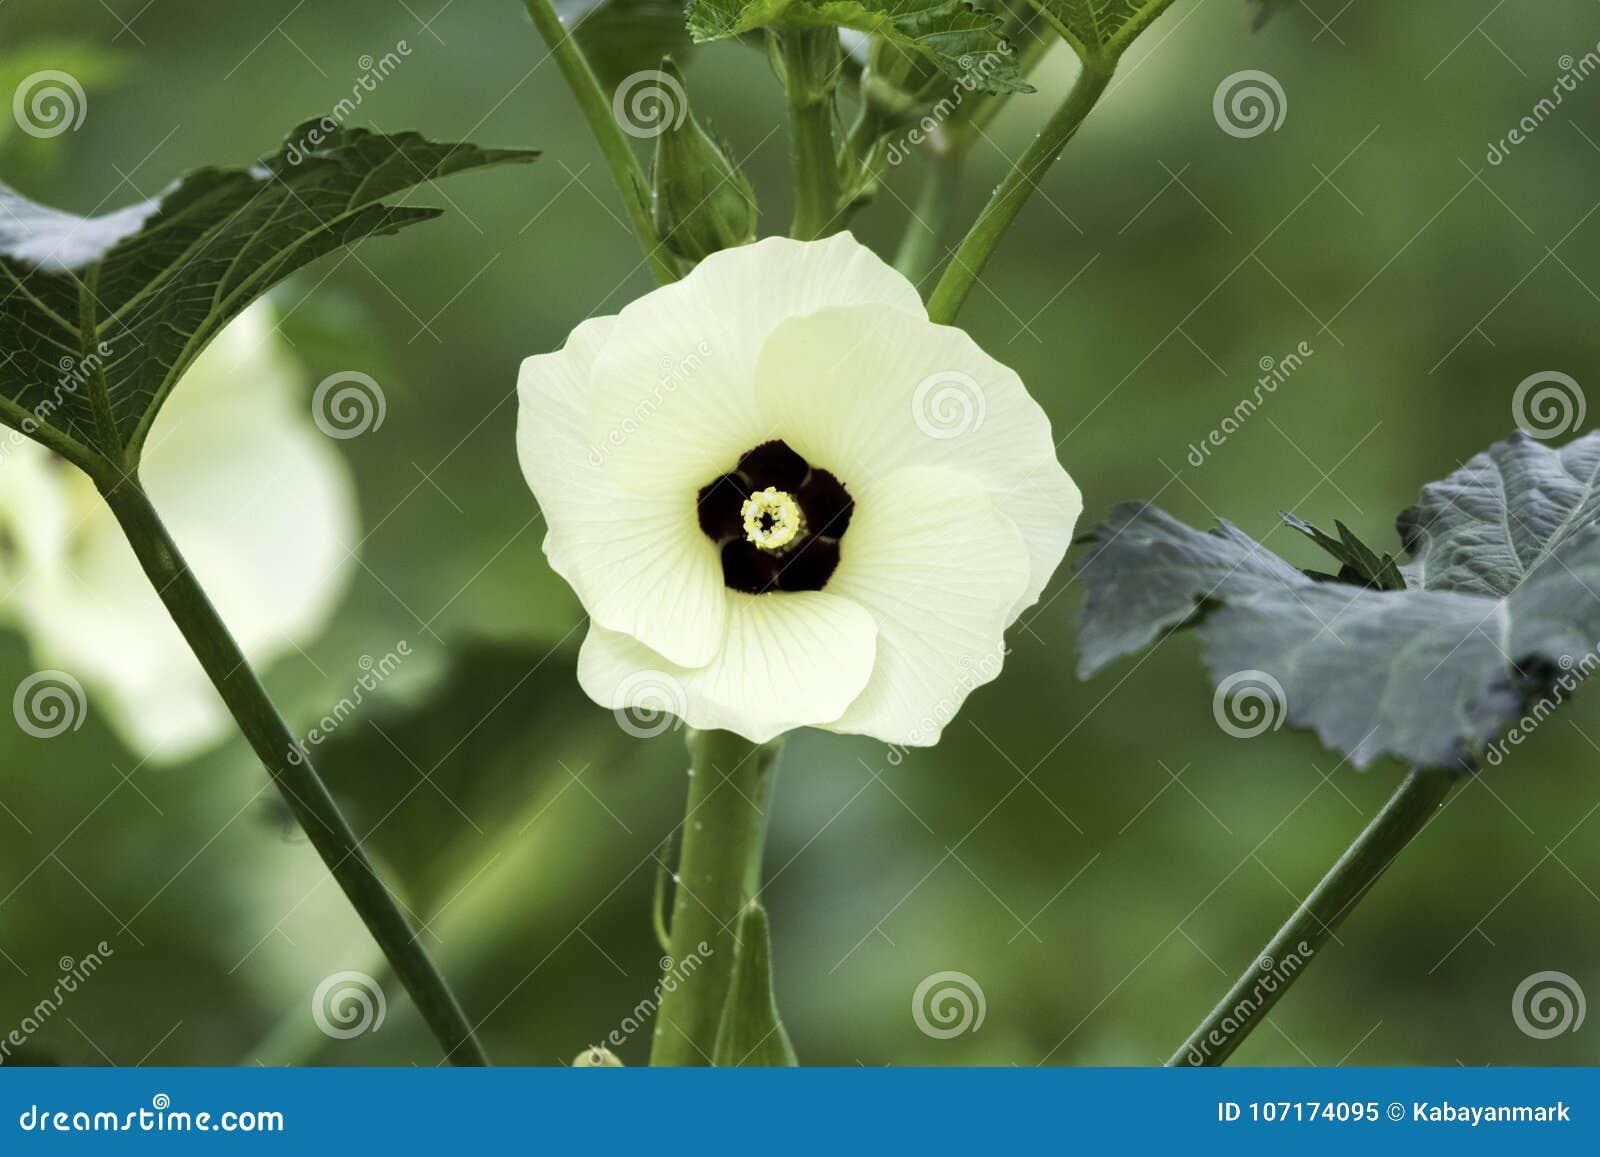 Fiori Bianchi Con Centro Nero.Il Fiore Del Gombo Il Giorno Isolato Sulla Pianta Con Pochi Va